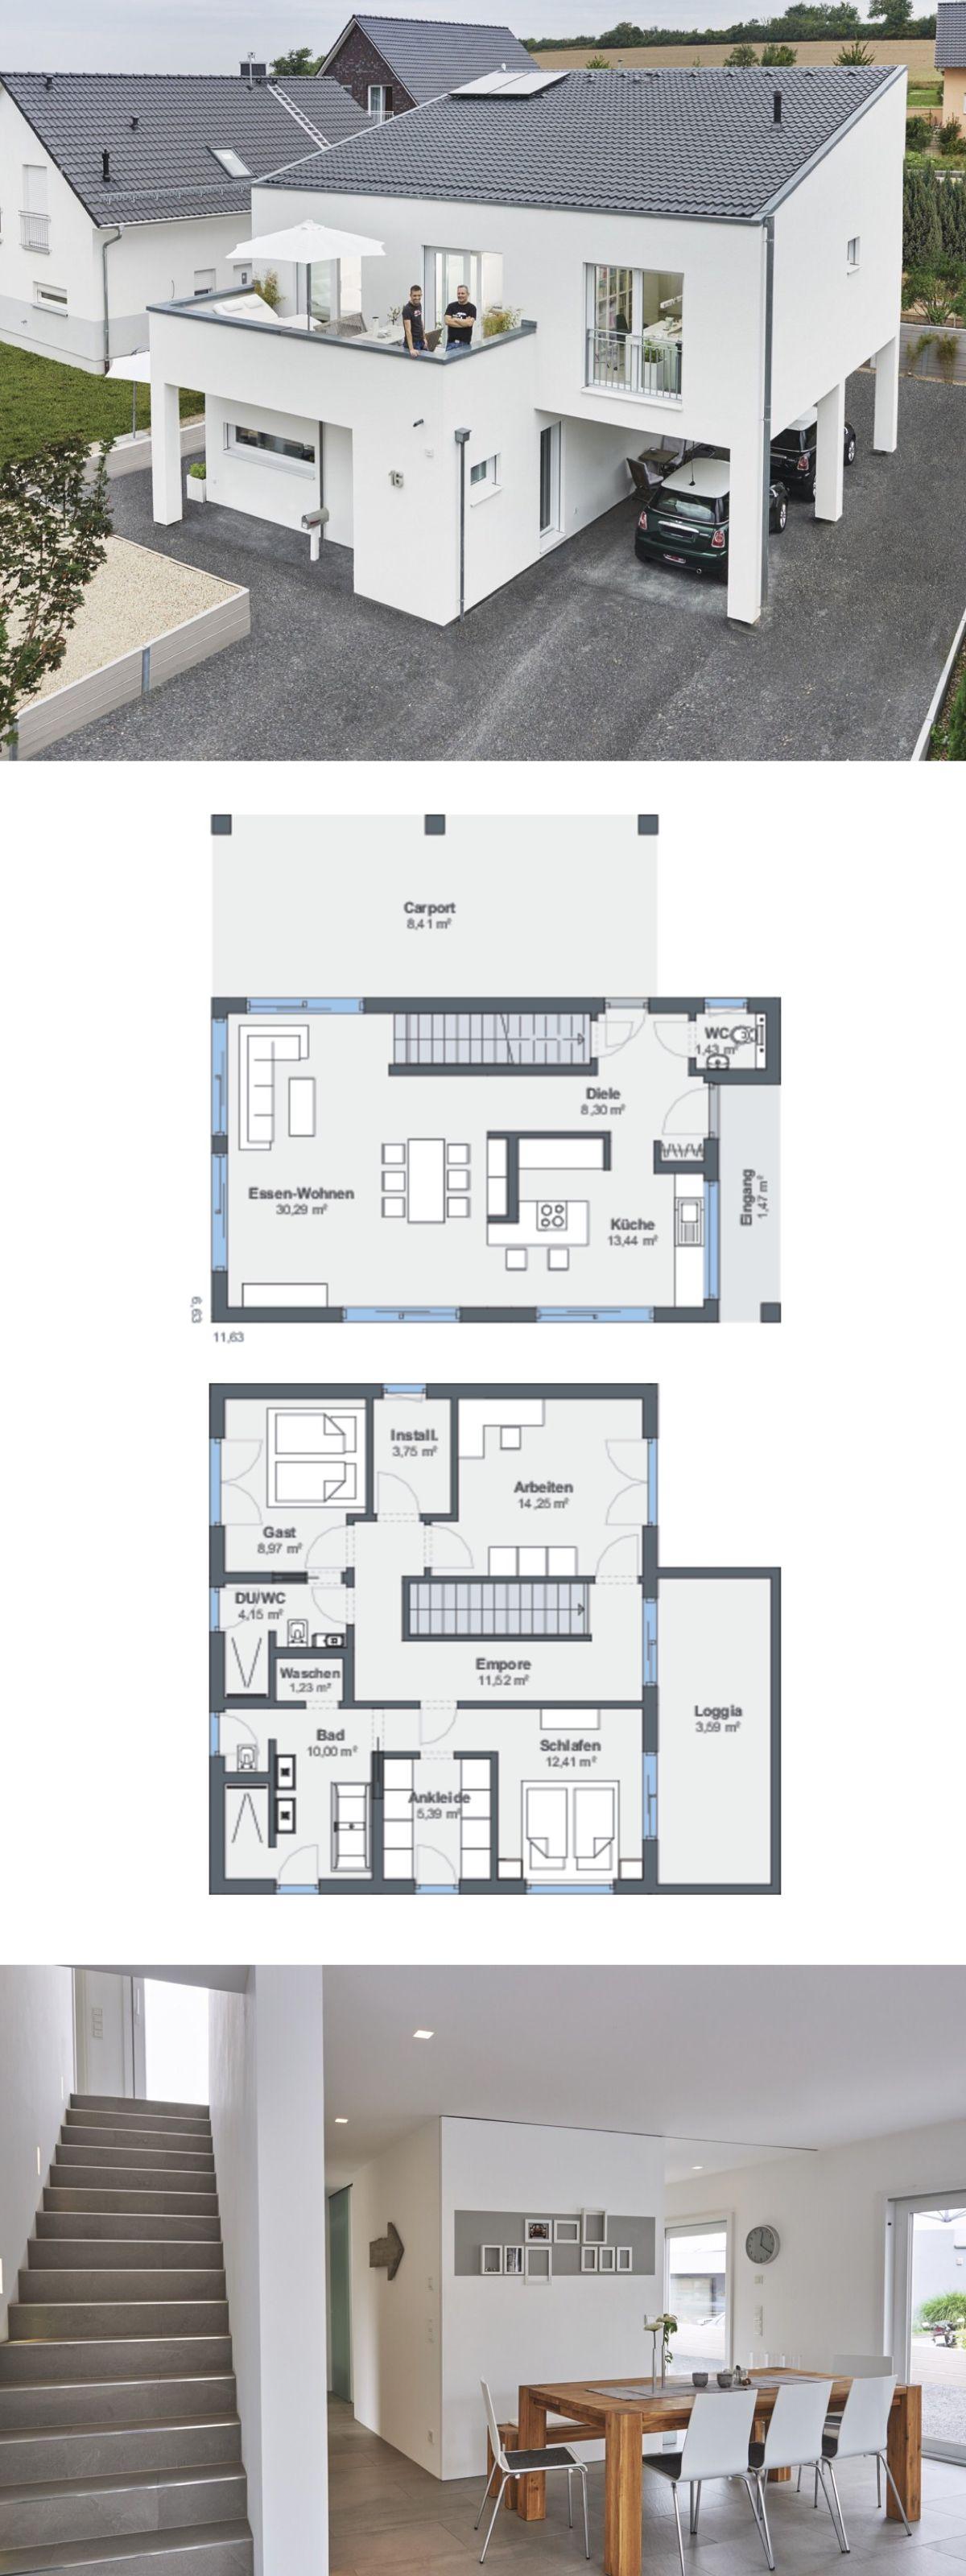 Modernes Haus-Design mit Pultdach - Einfamilienhaus bauen Grundriss ...